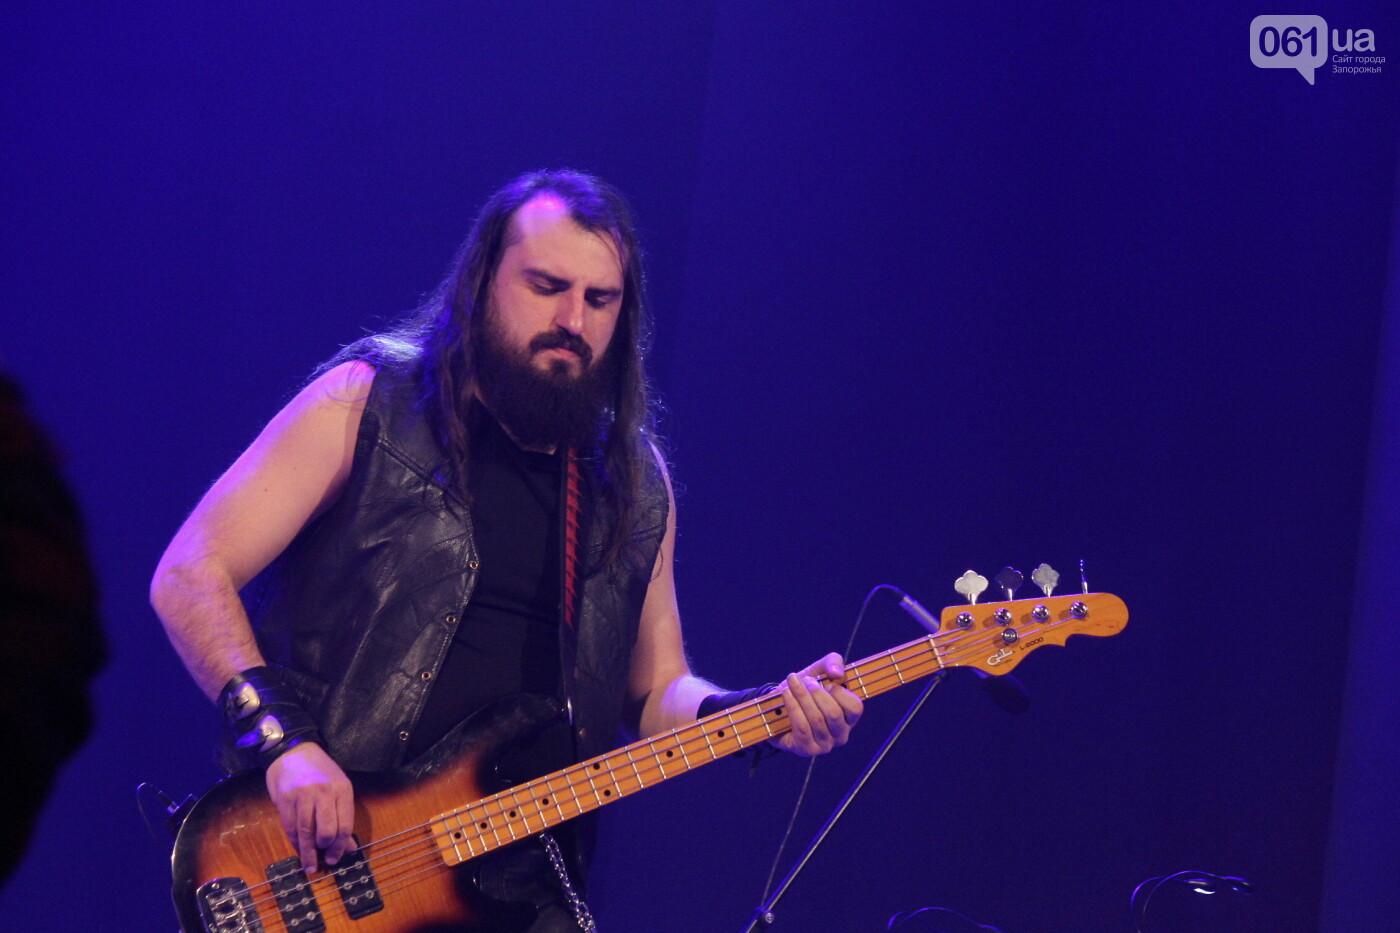 Тяжелый рок в симфоническом звучании: каким было Hard Rock Show в Запорожье, – ФОТОРЕПОРТАЖ, фото-2